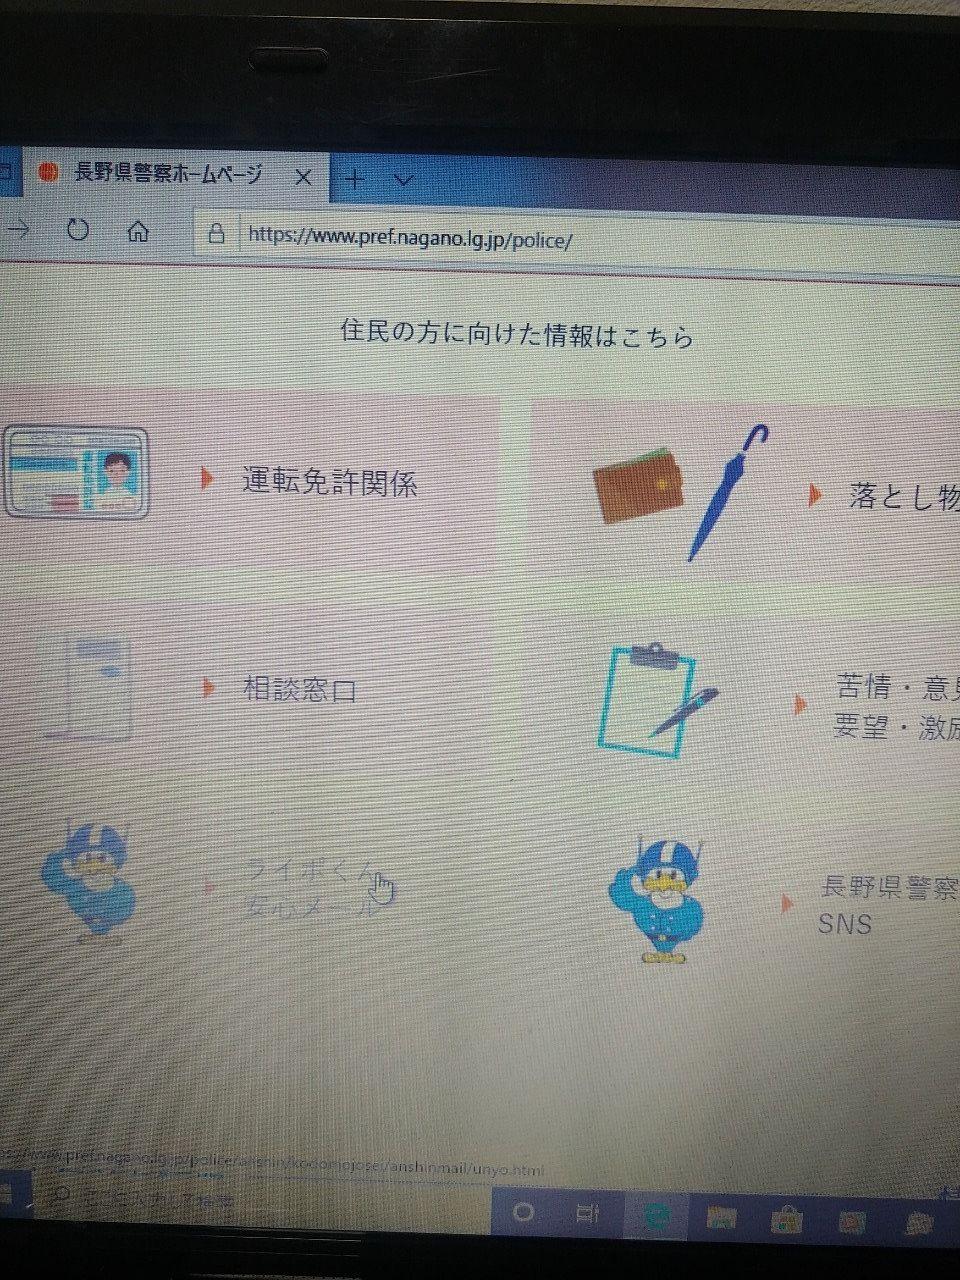 長野県警ホームページ